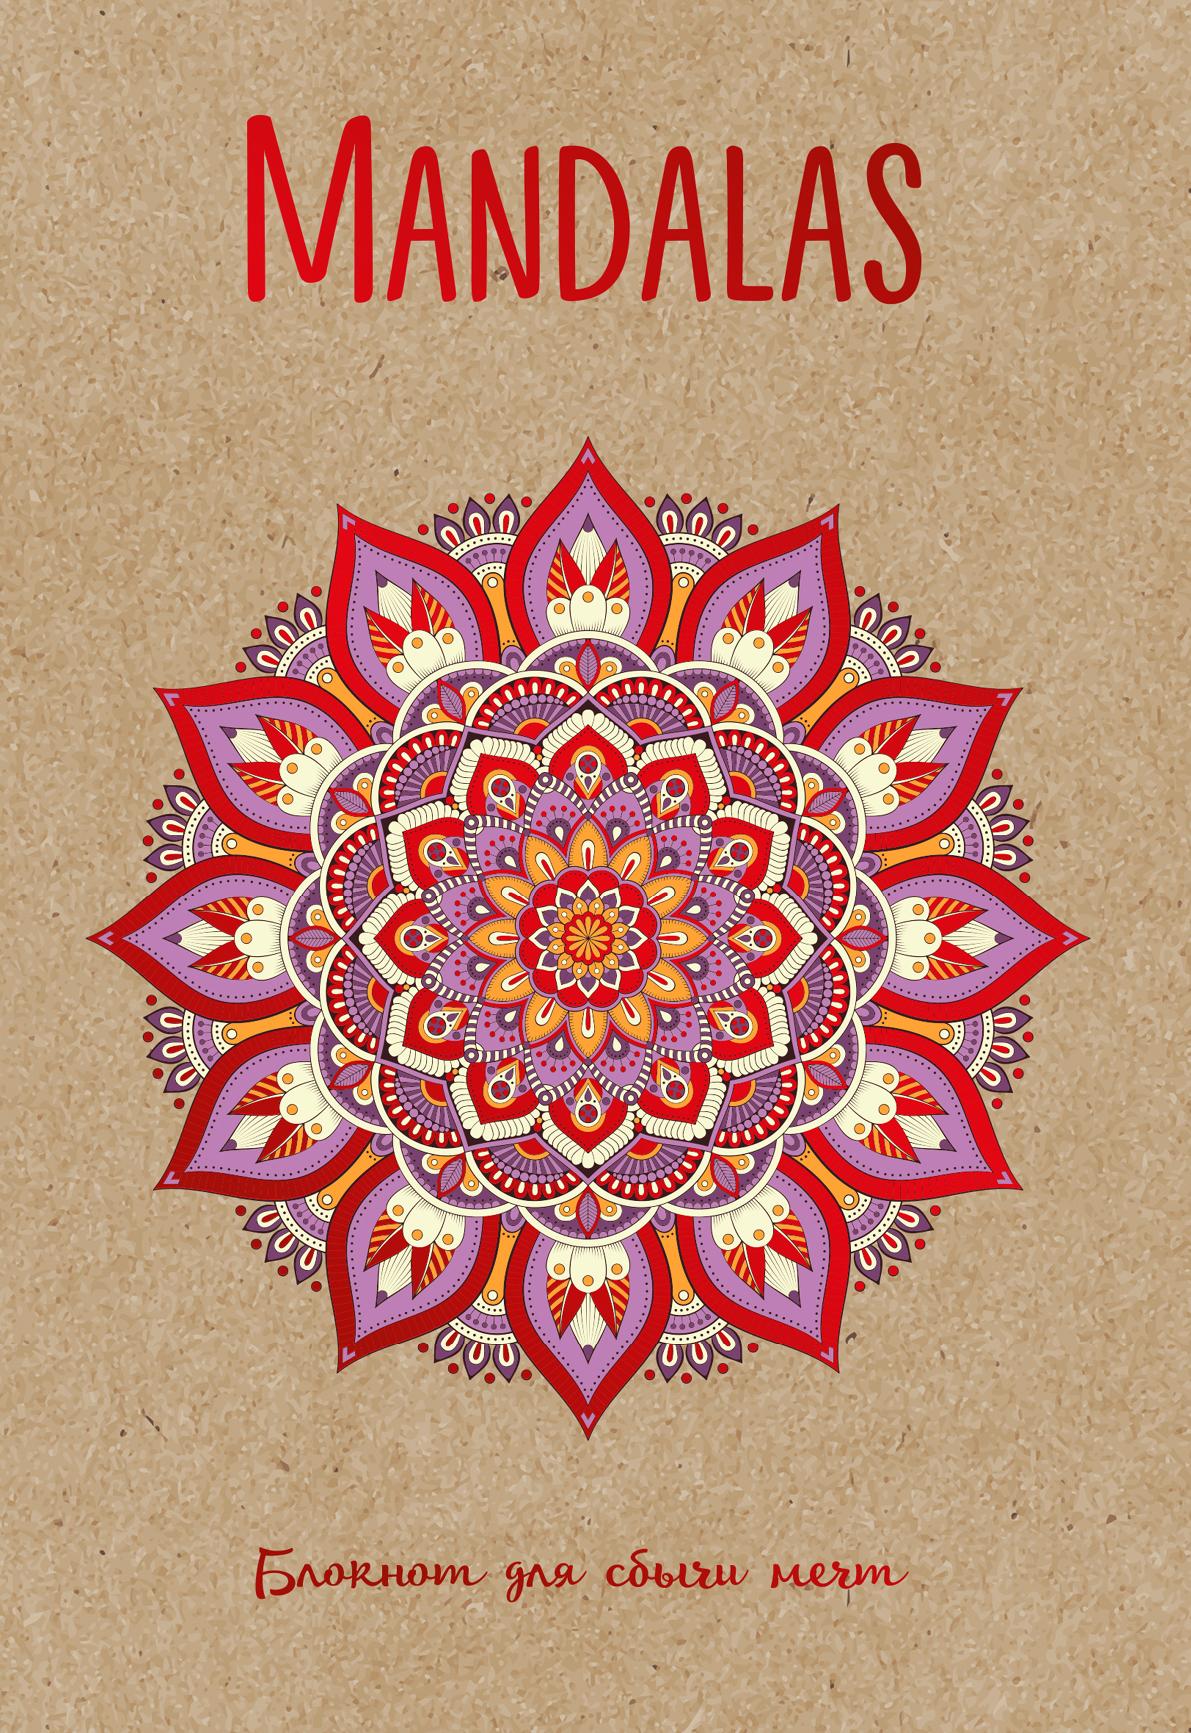 Габо Лилия Mandalas. Блокнот для сбычи мечт блокноты эксмо mandalas блокнот для сбычи мечт красный